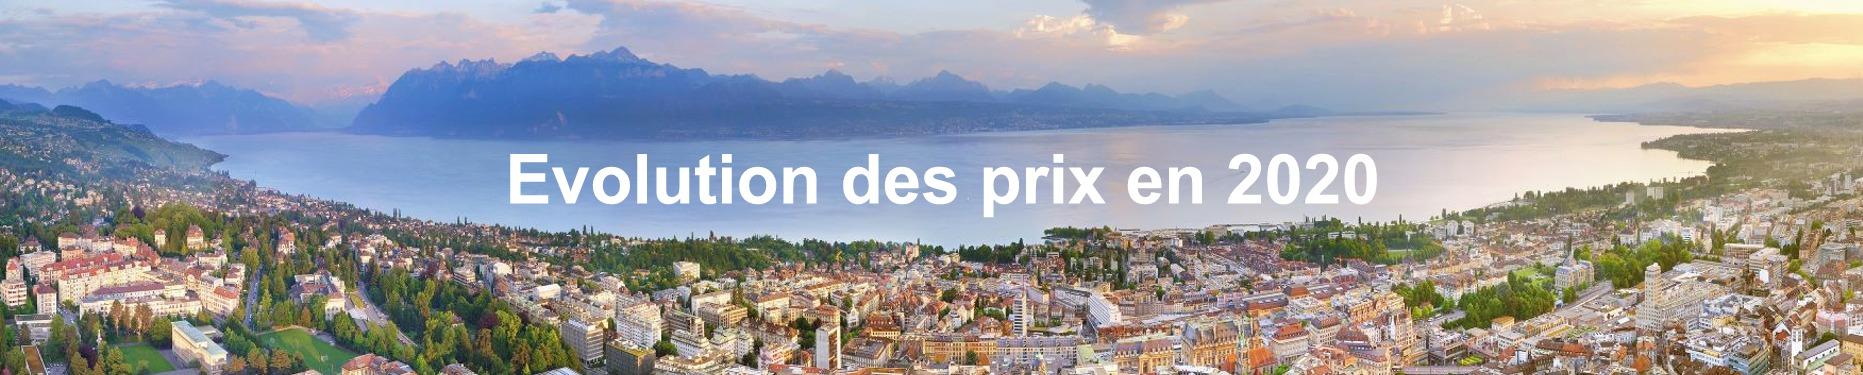 evolution prix m2 immobilier suisse 2020